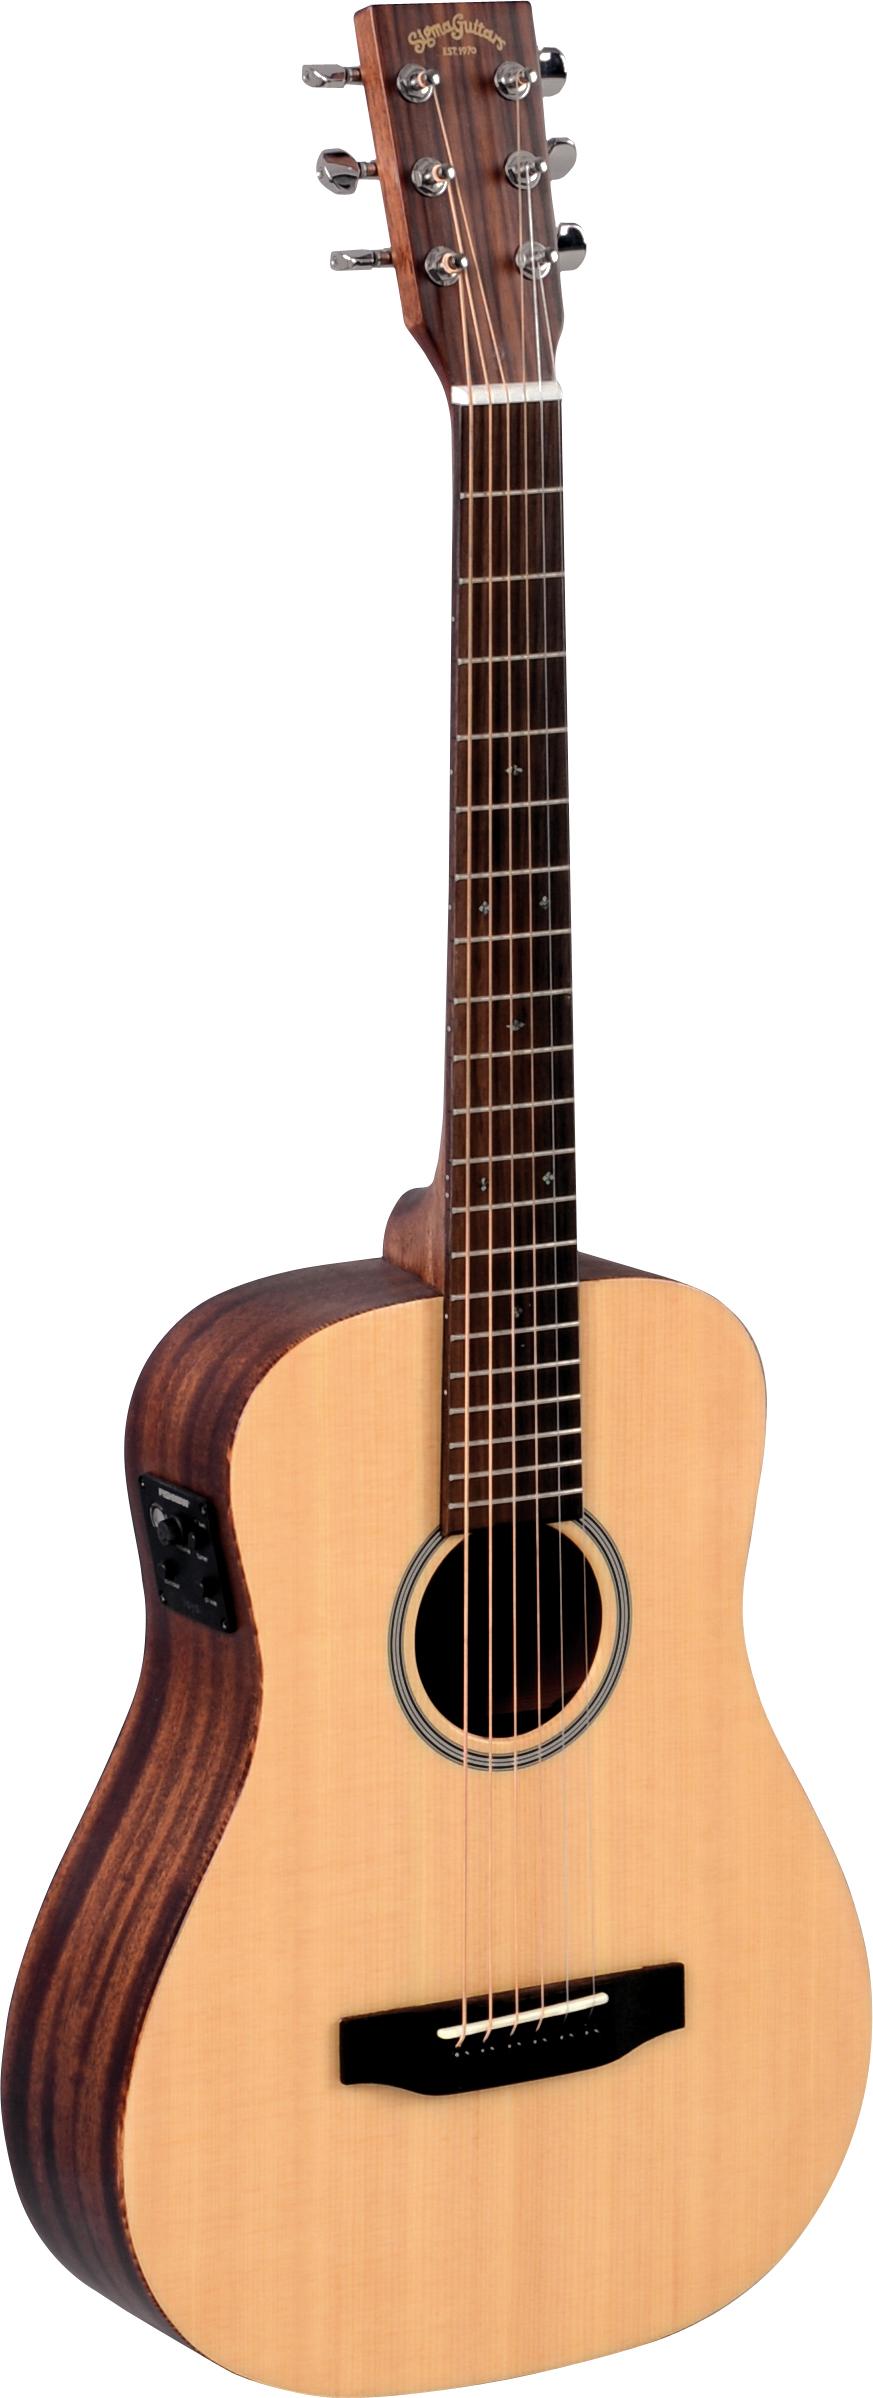 Billede af Sigma TM-12E western-guitar,rejse-model natur